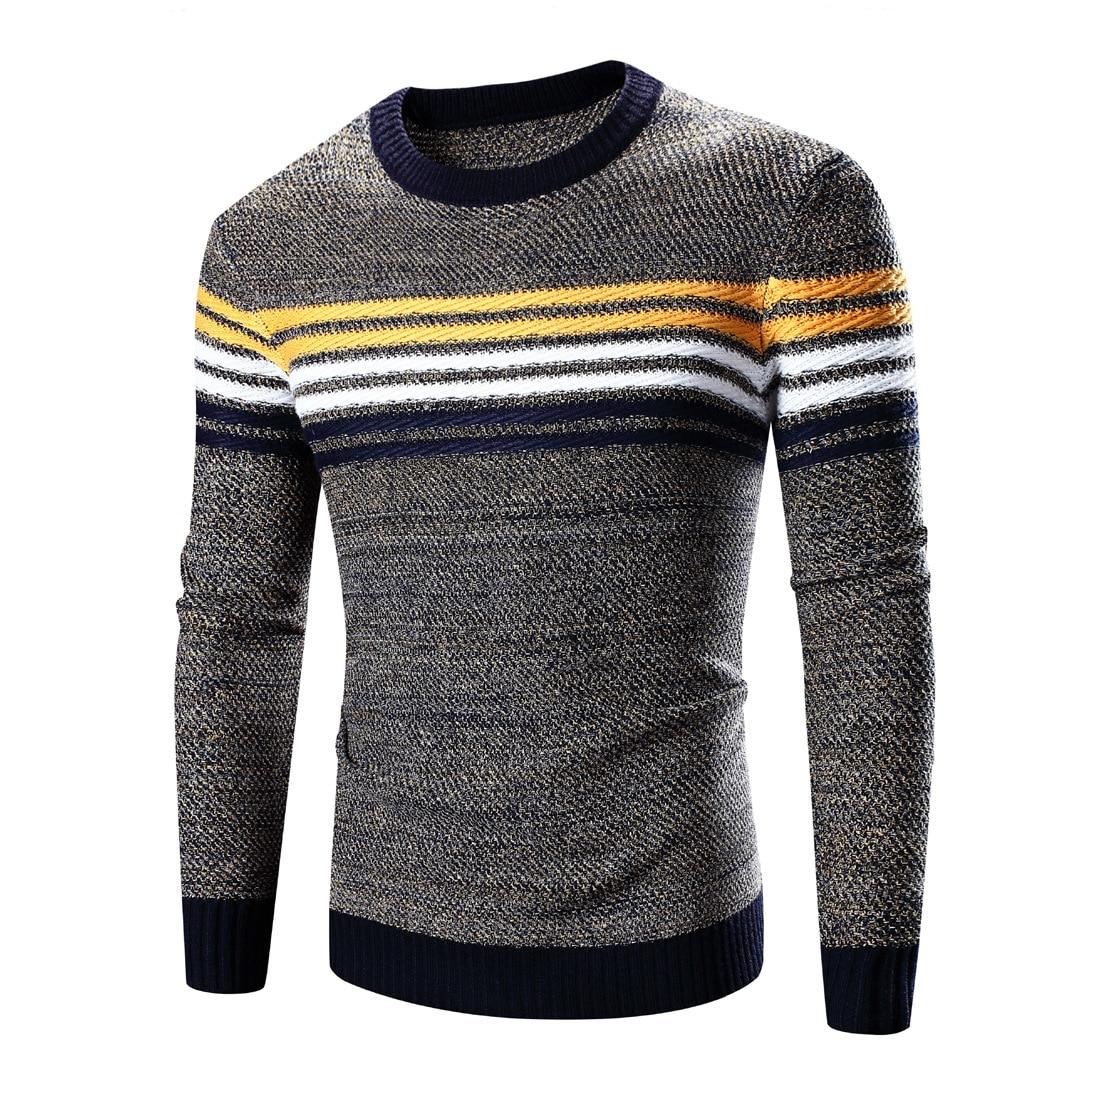 Compra suéteres de navidad para las parejas a juego online